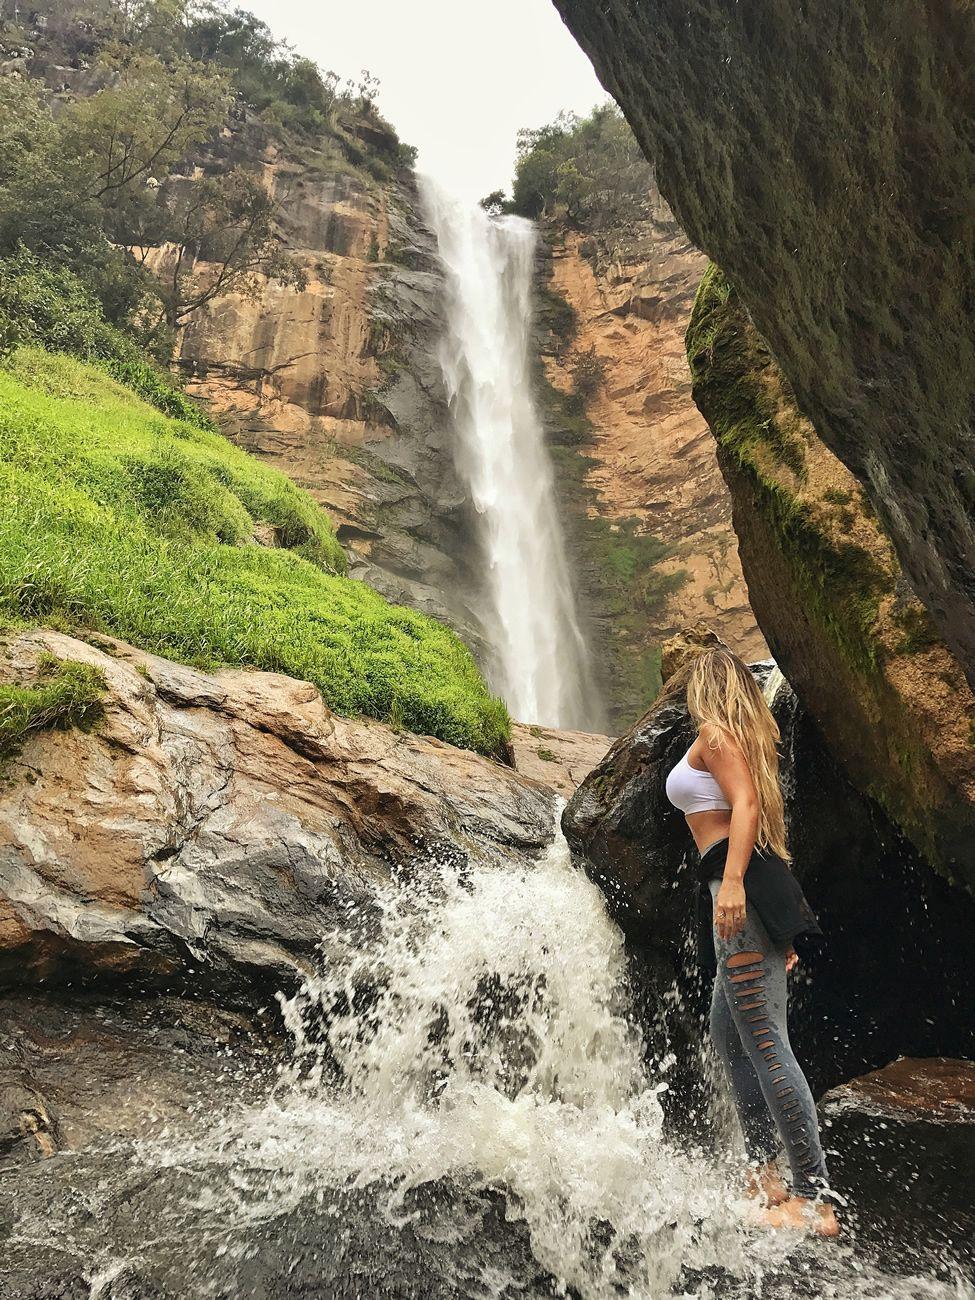 Sumidouro Rio de Janeiro fonte: i.pinimg.com